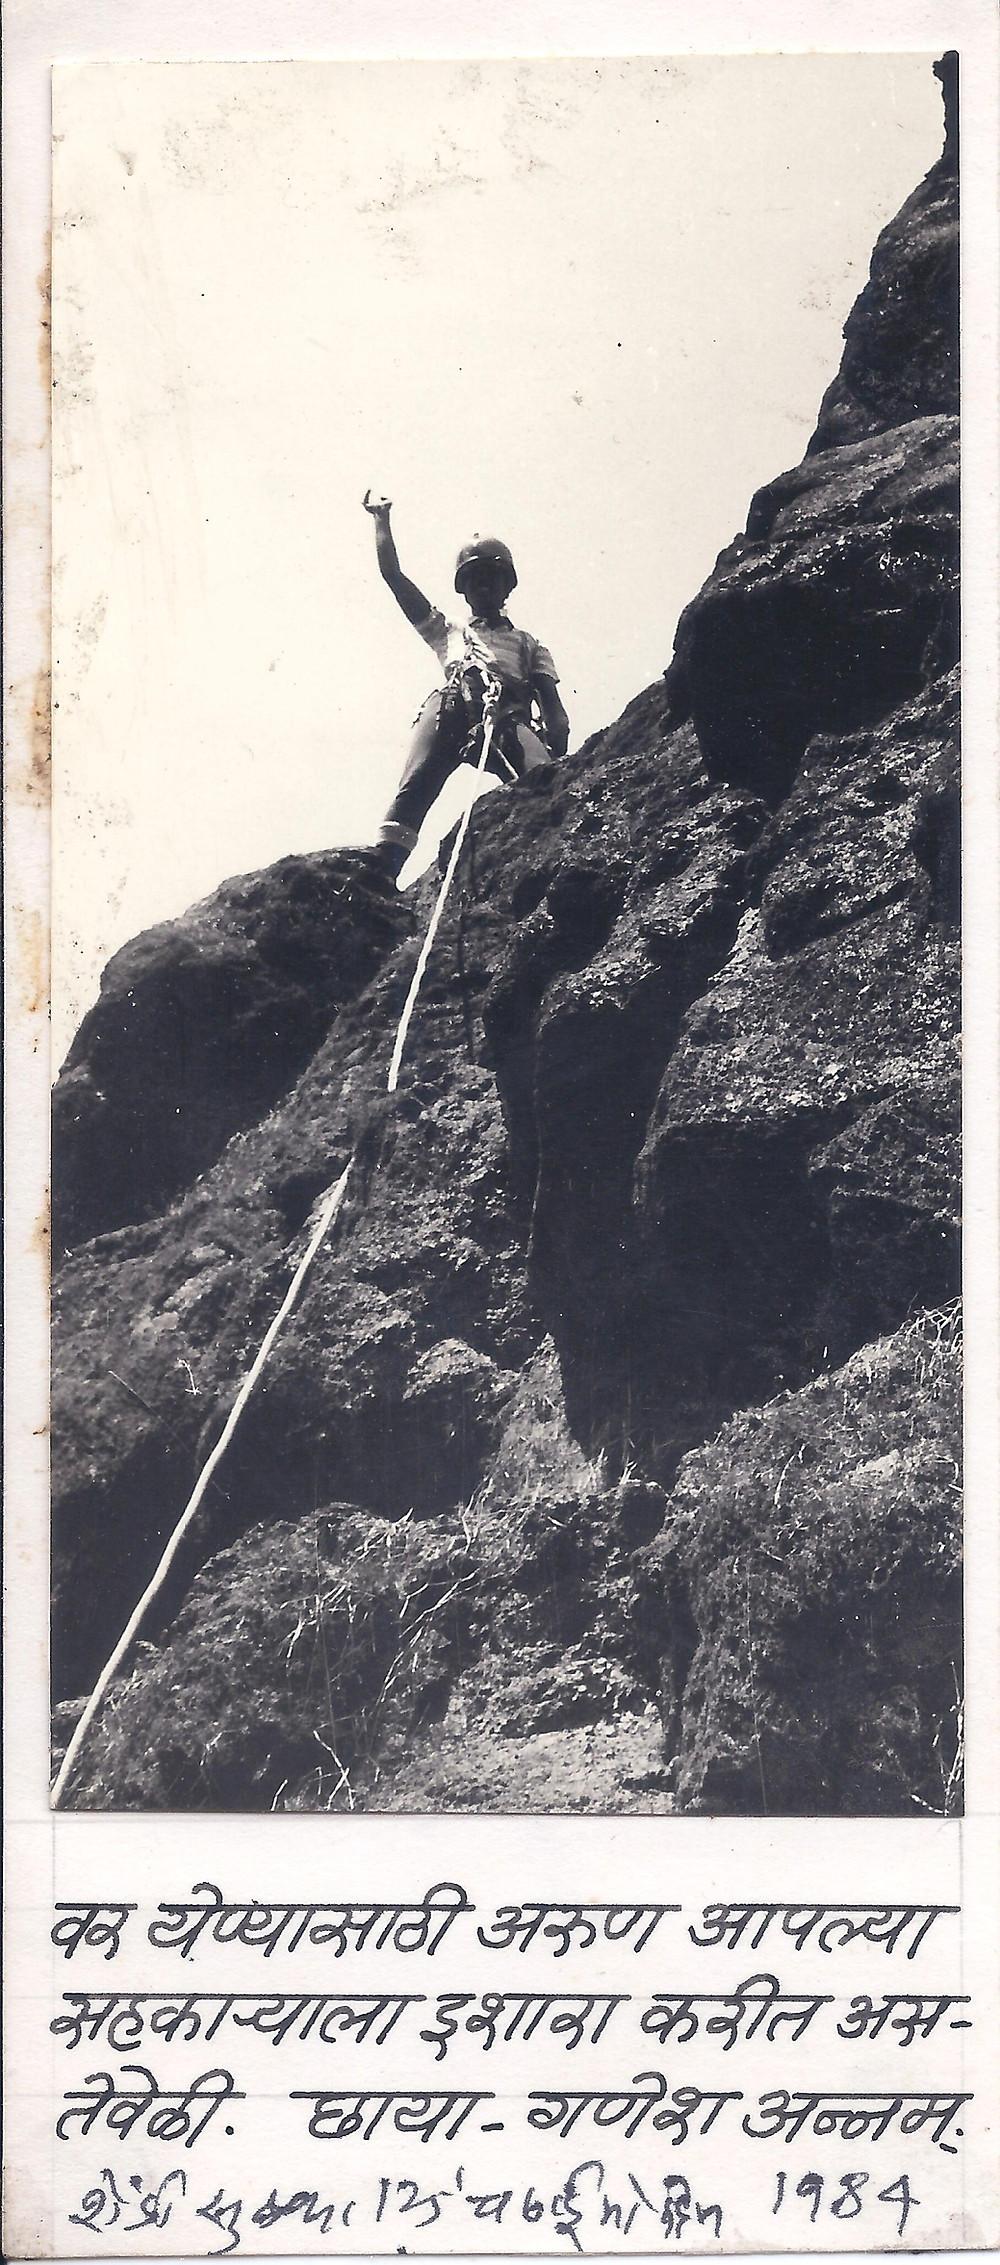 Shendi Pinnacle climbing expedition April 1984